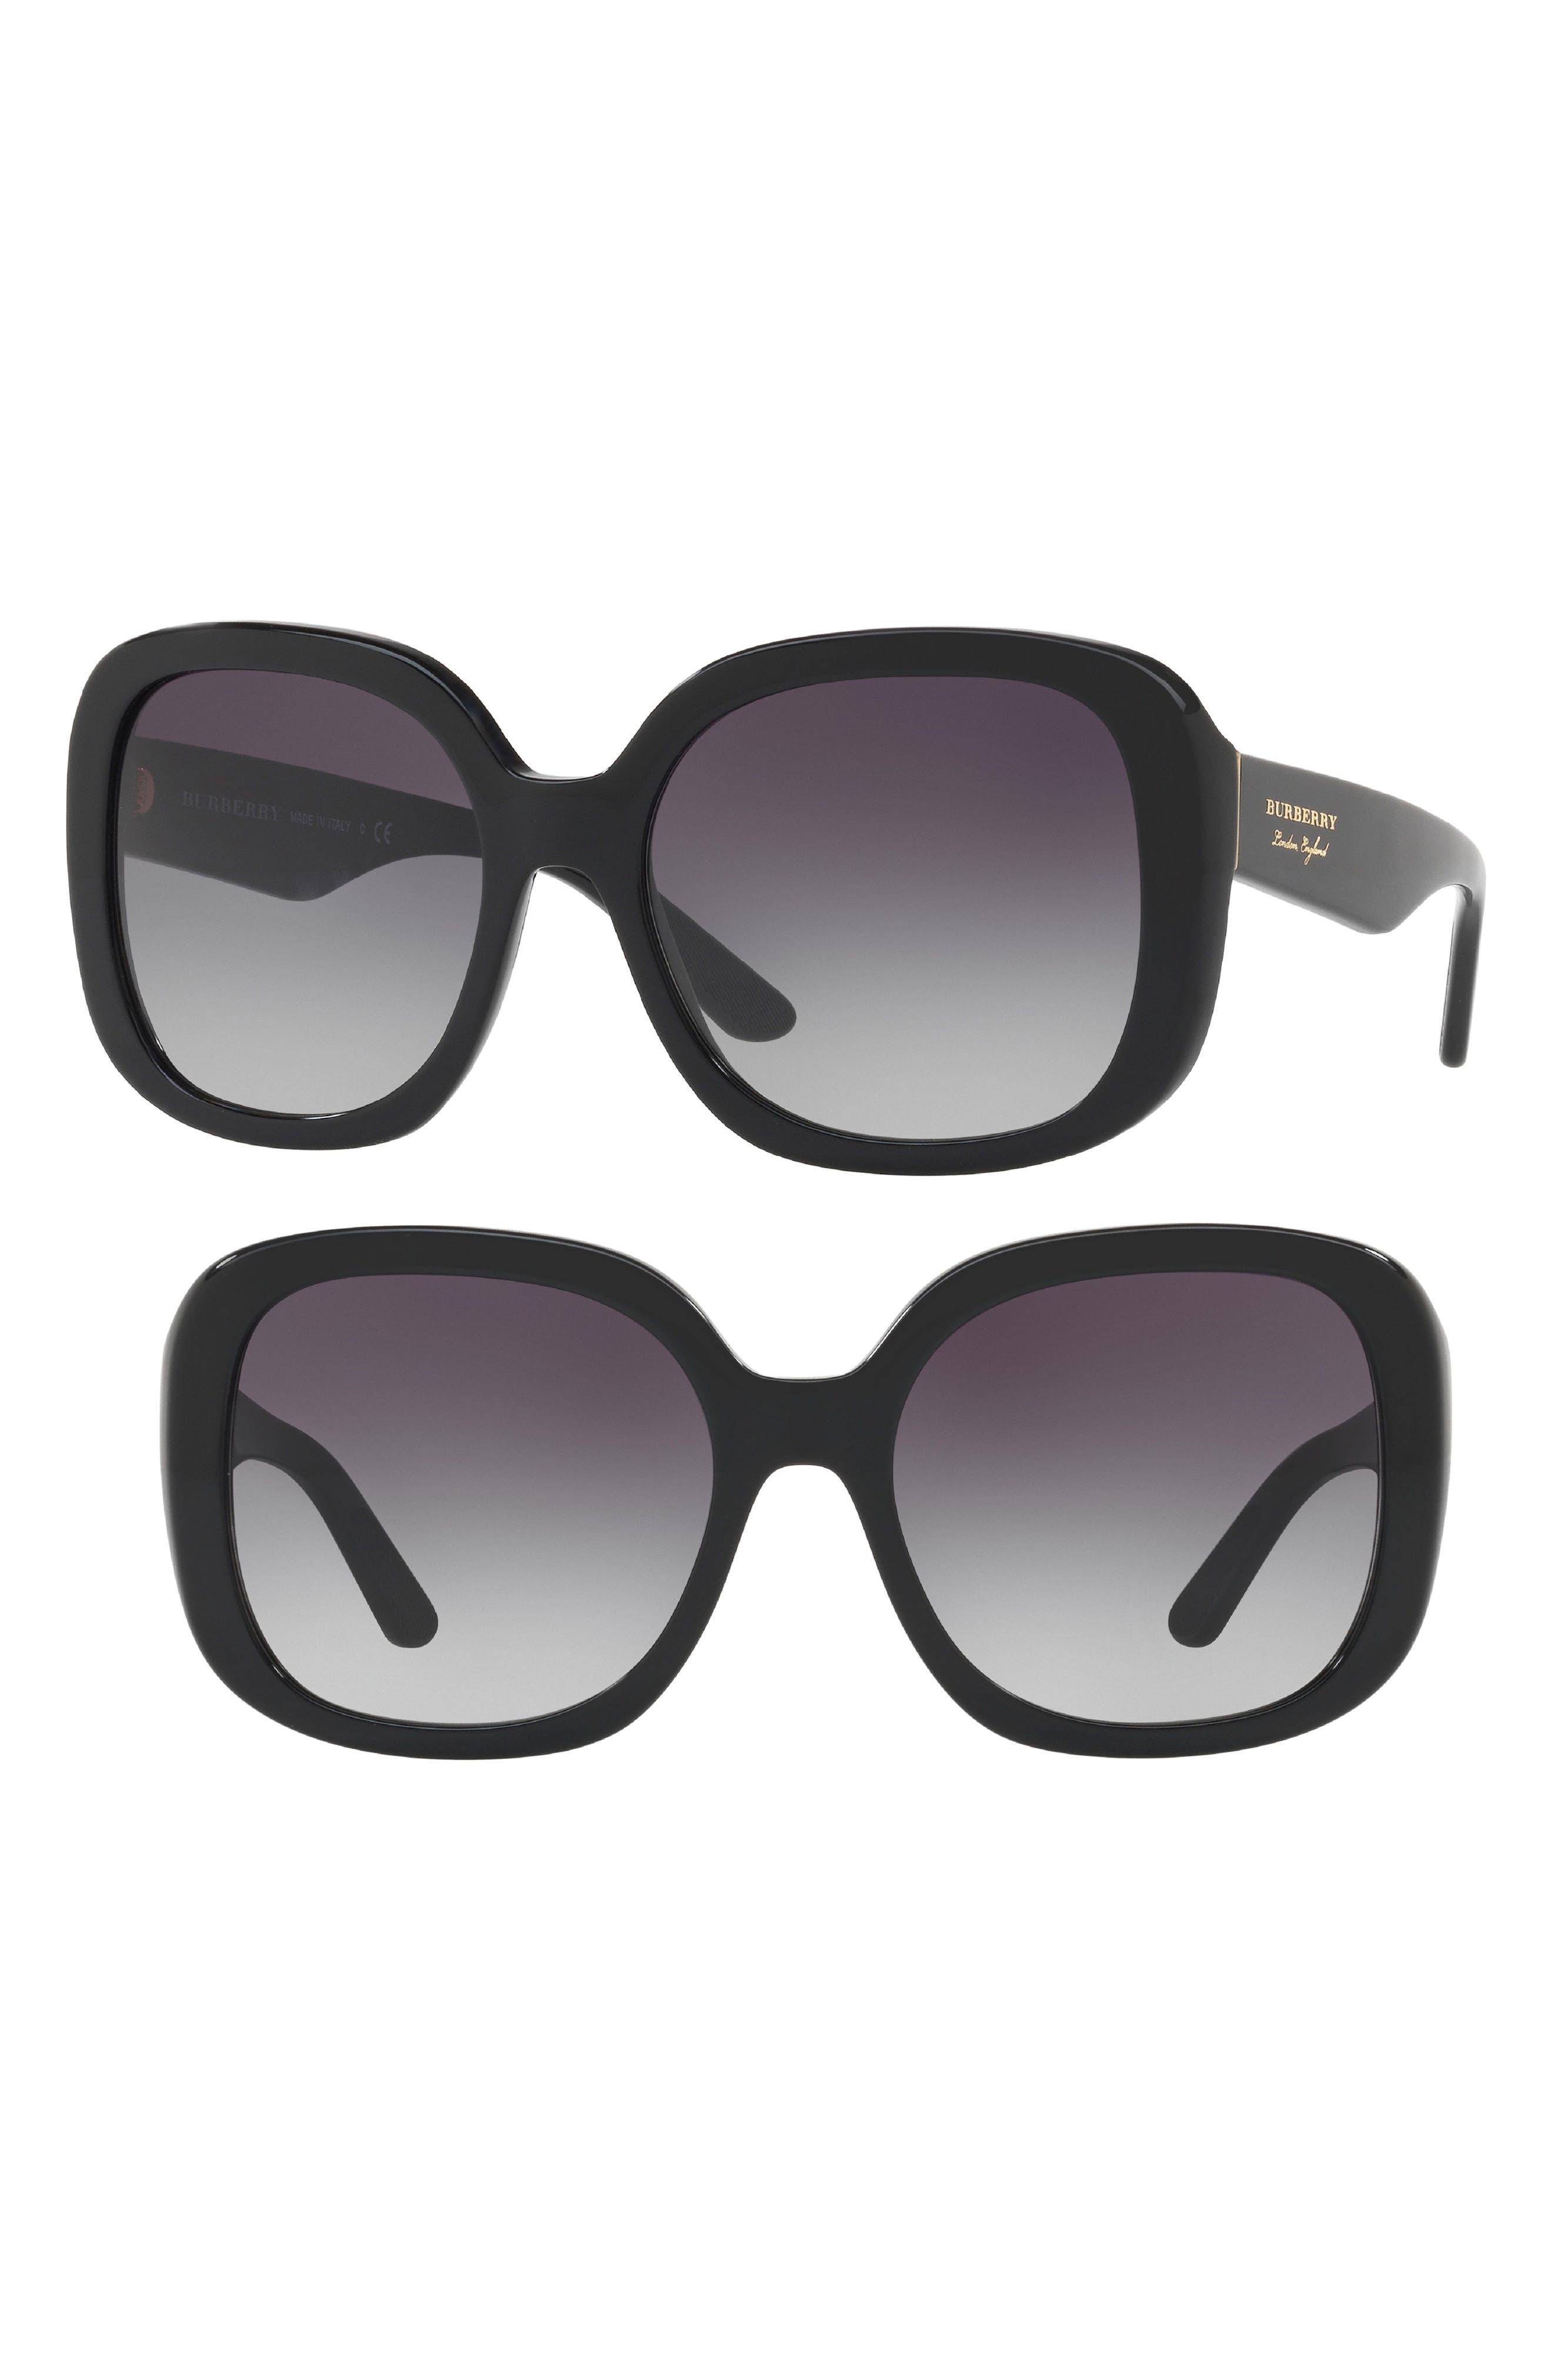 56mm Gradient Sunglasses,                             Main thumbnail 1, color,                             001